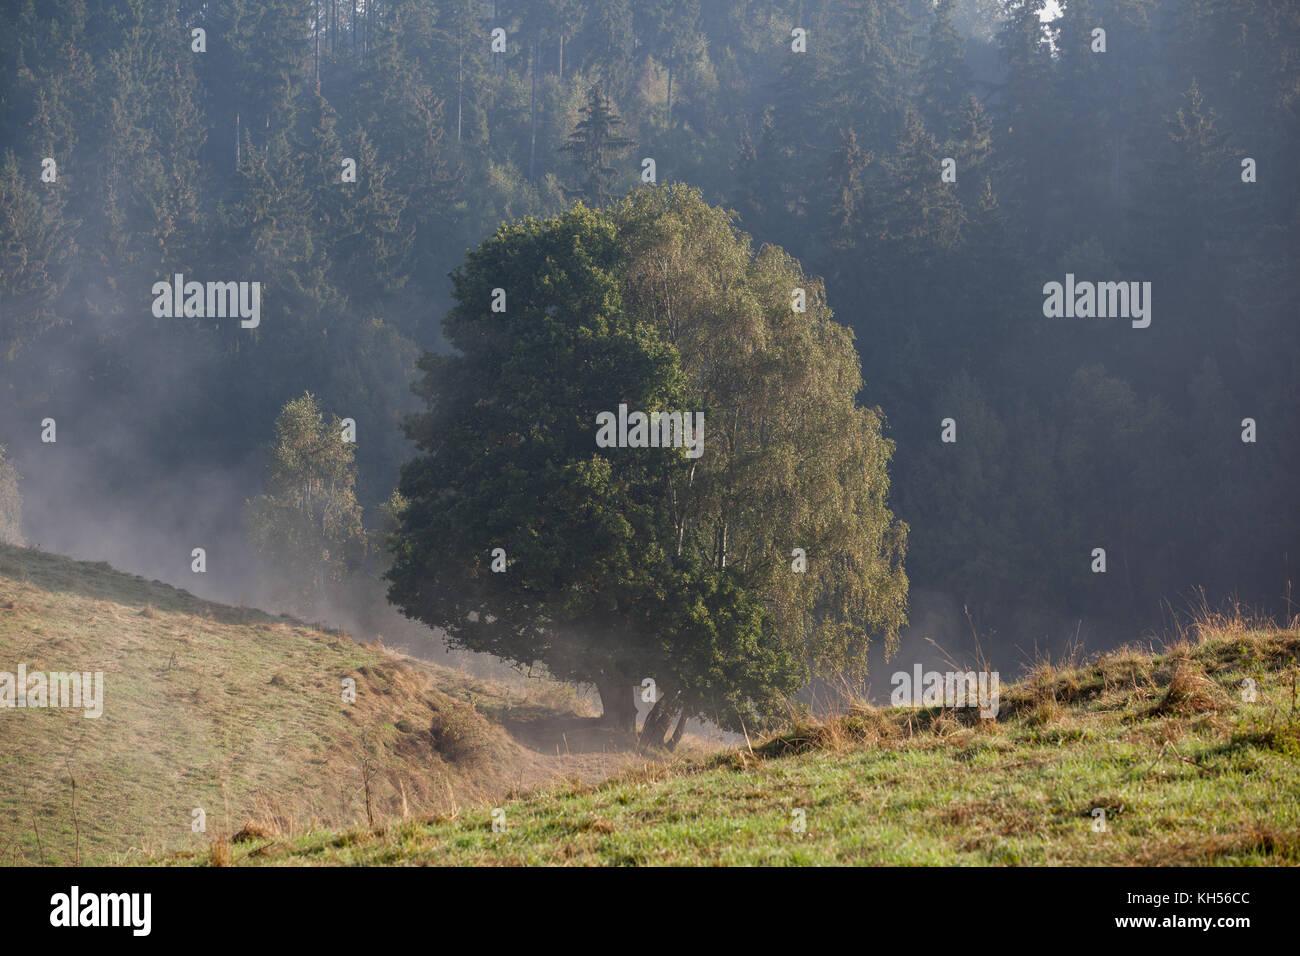 einzelner Baum mit Nebel - Stock Image